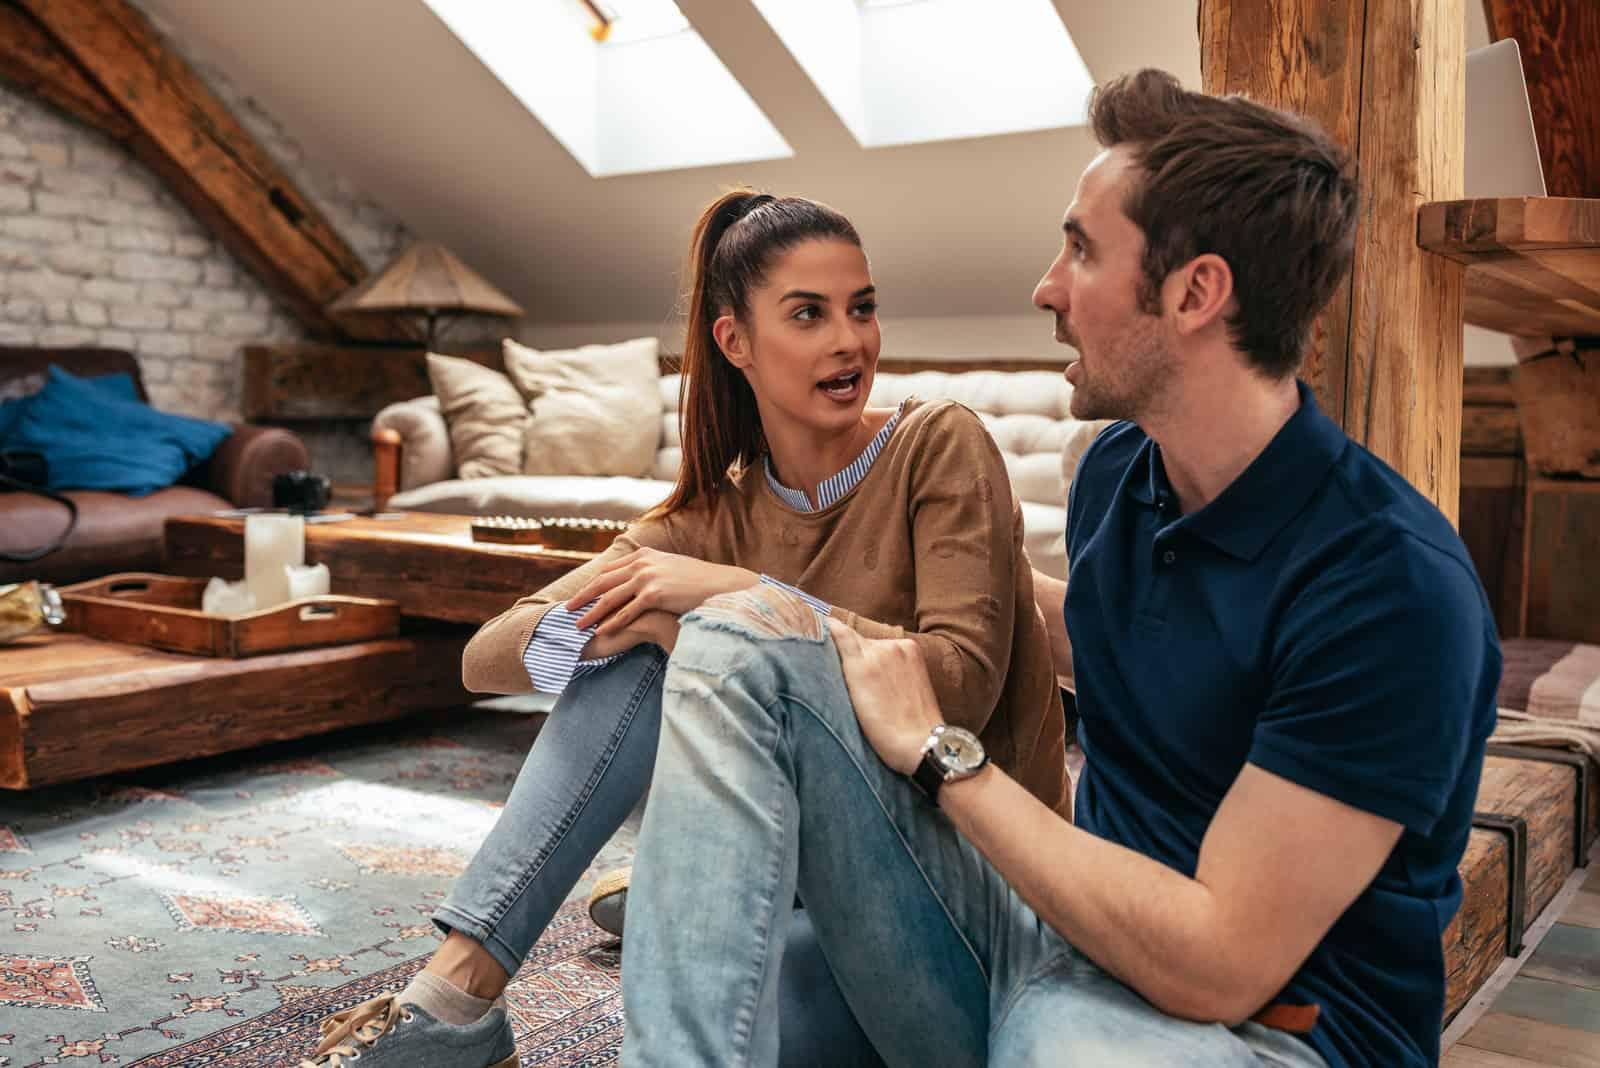 homme et femme parlant assis sur le sol